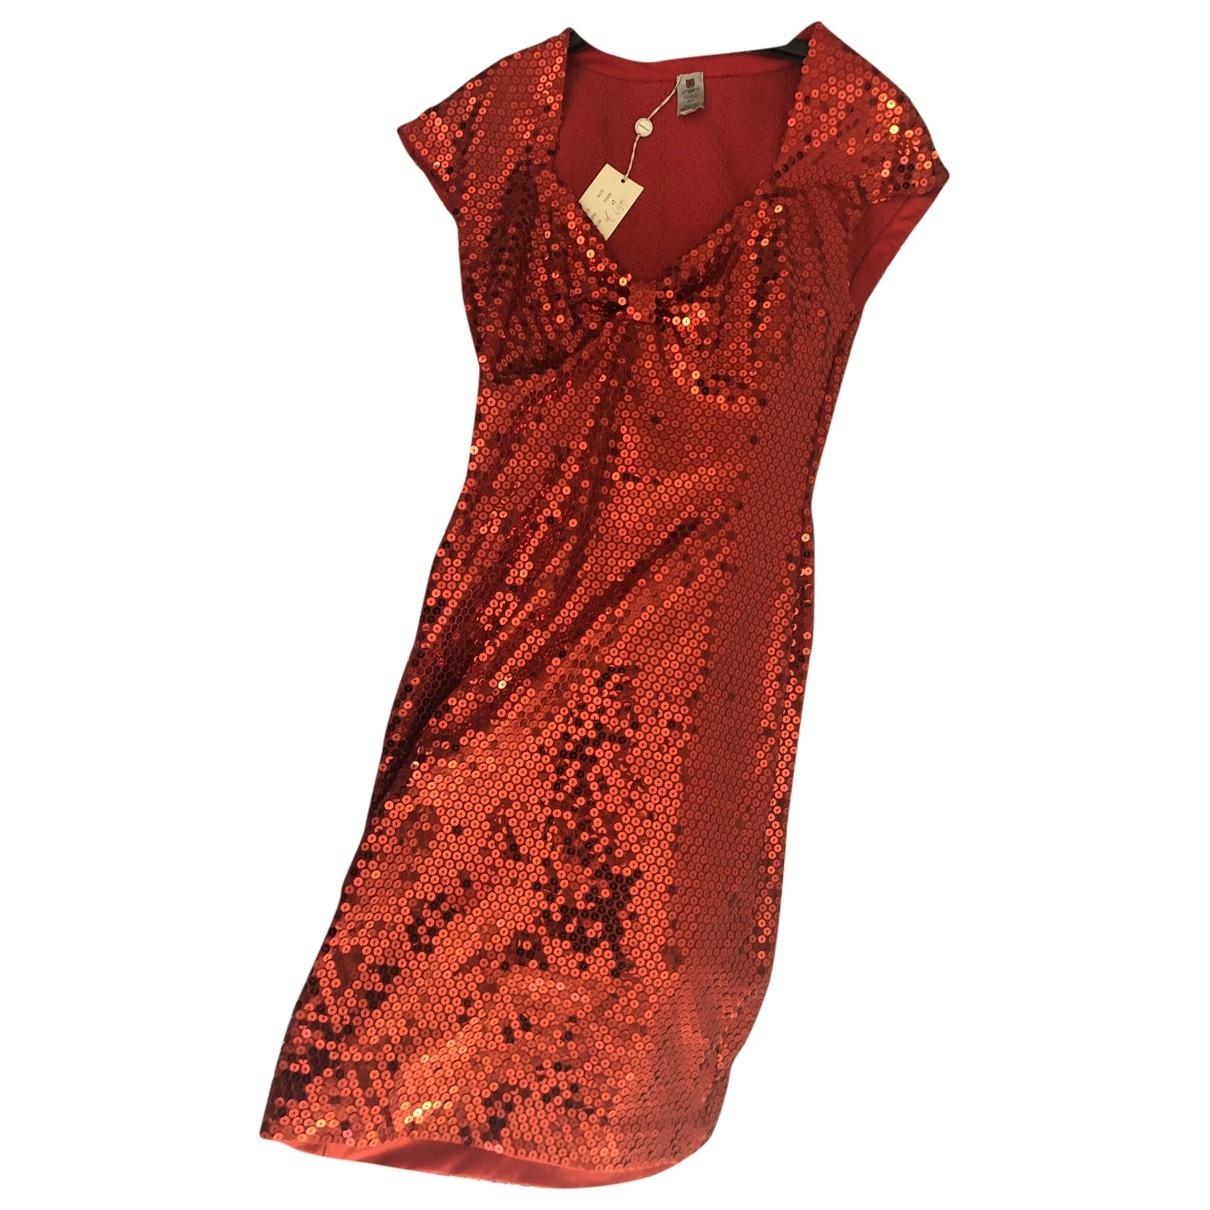 Emanuel Ungaro - Robe   pour femme en a paillettes - rouge